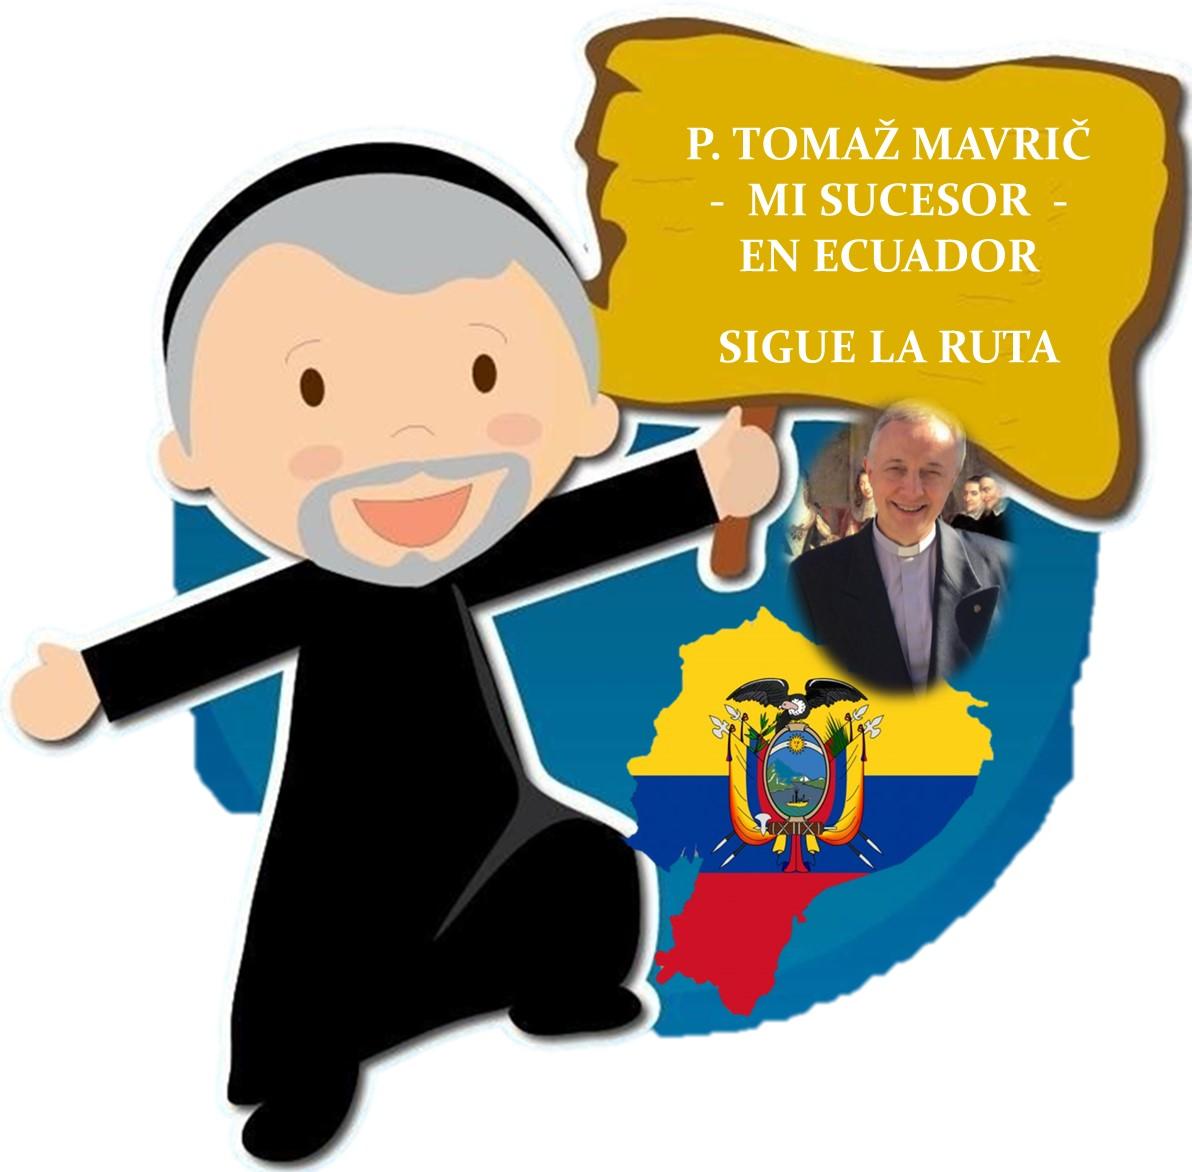 SUPERIOR GENERAL EN ECUADOR